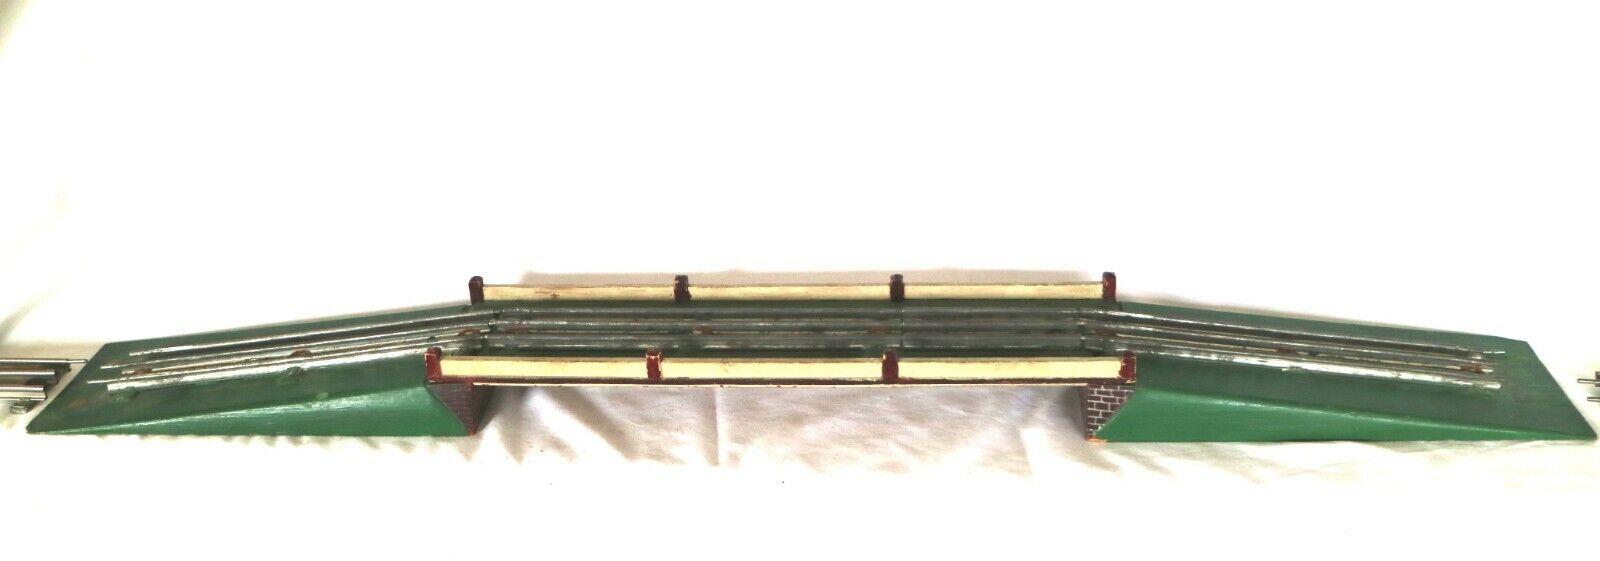 804J  Vintage Scratch Built O Gauge 3 Rail Viaduct   Bridge